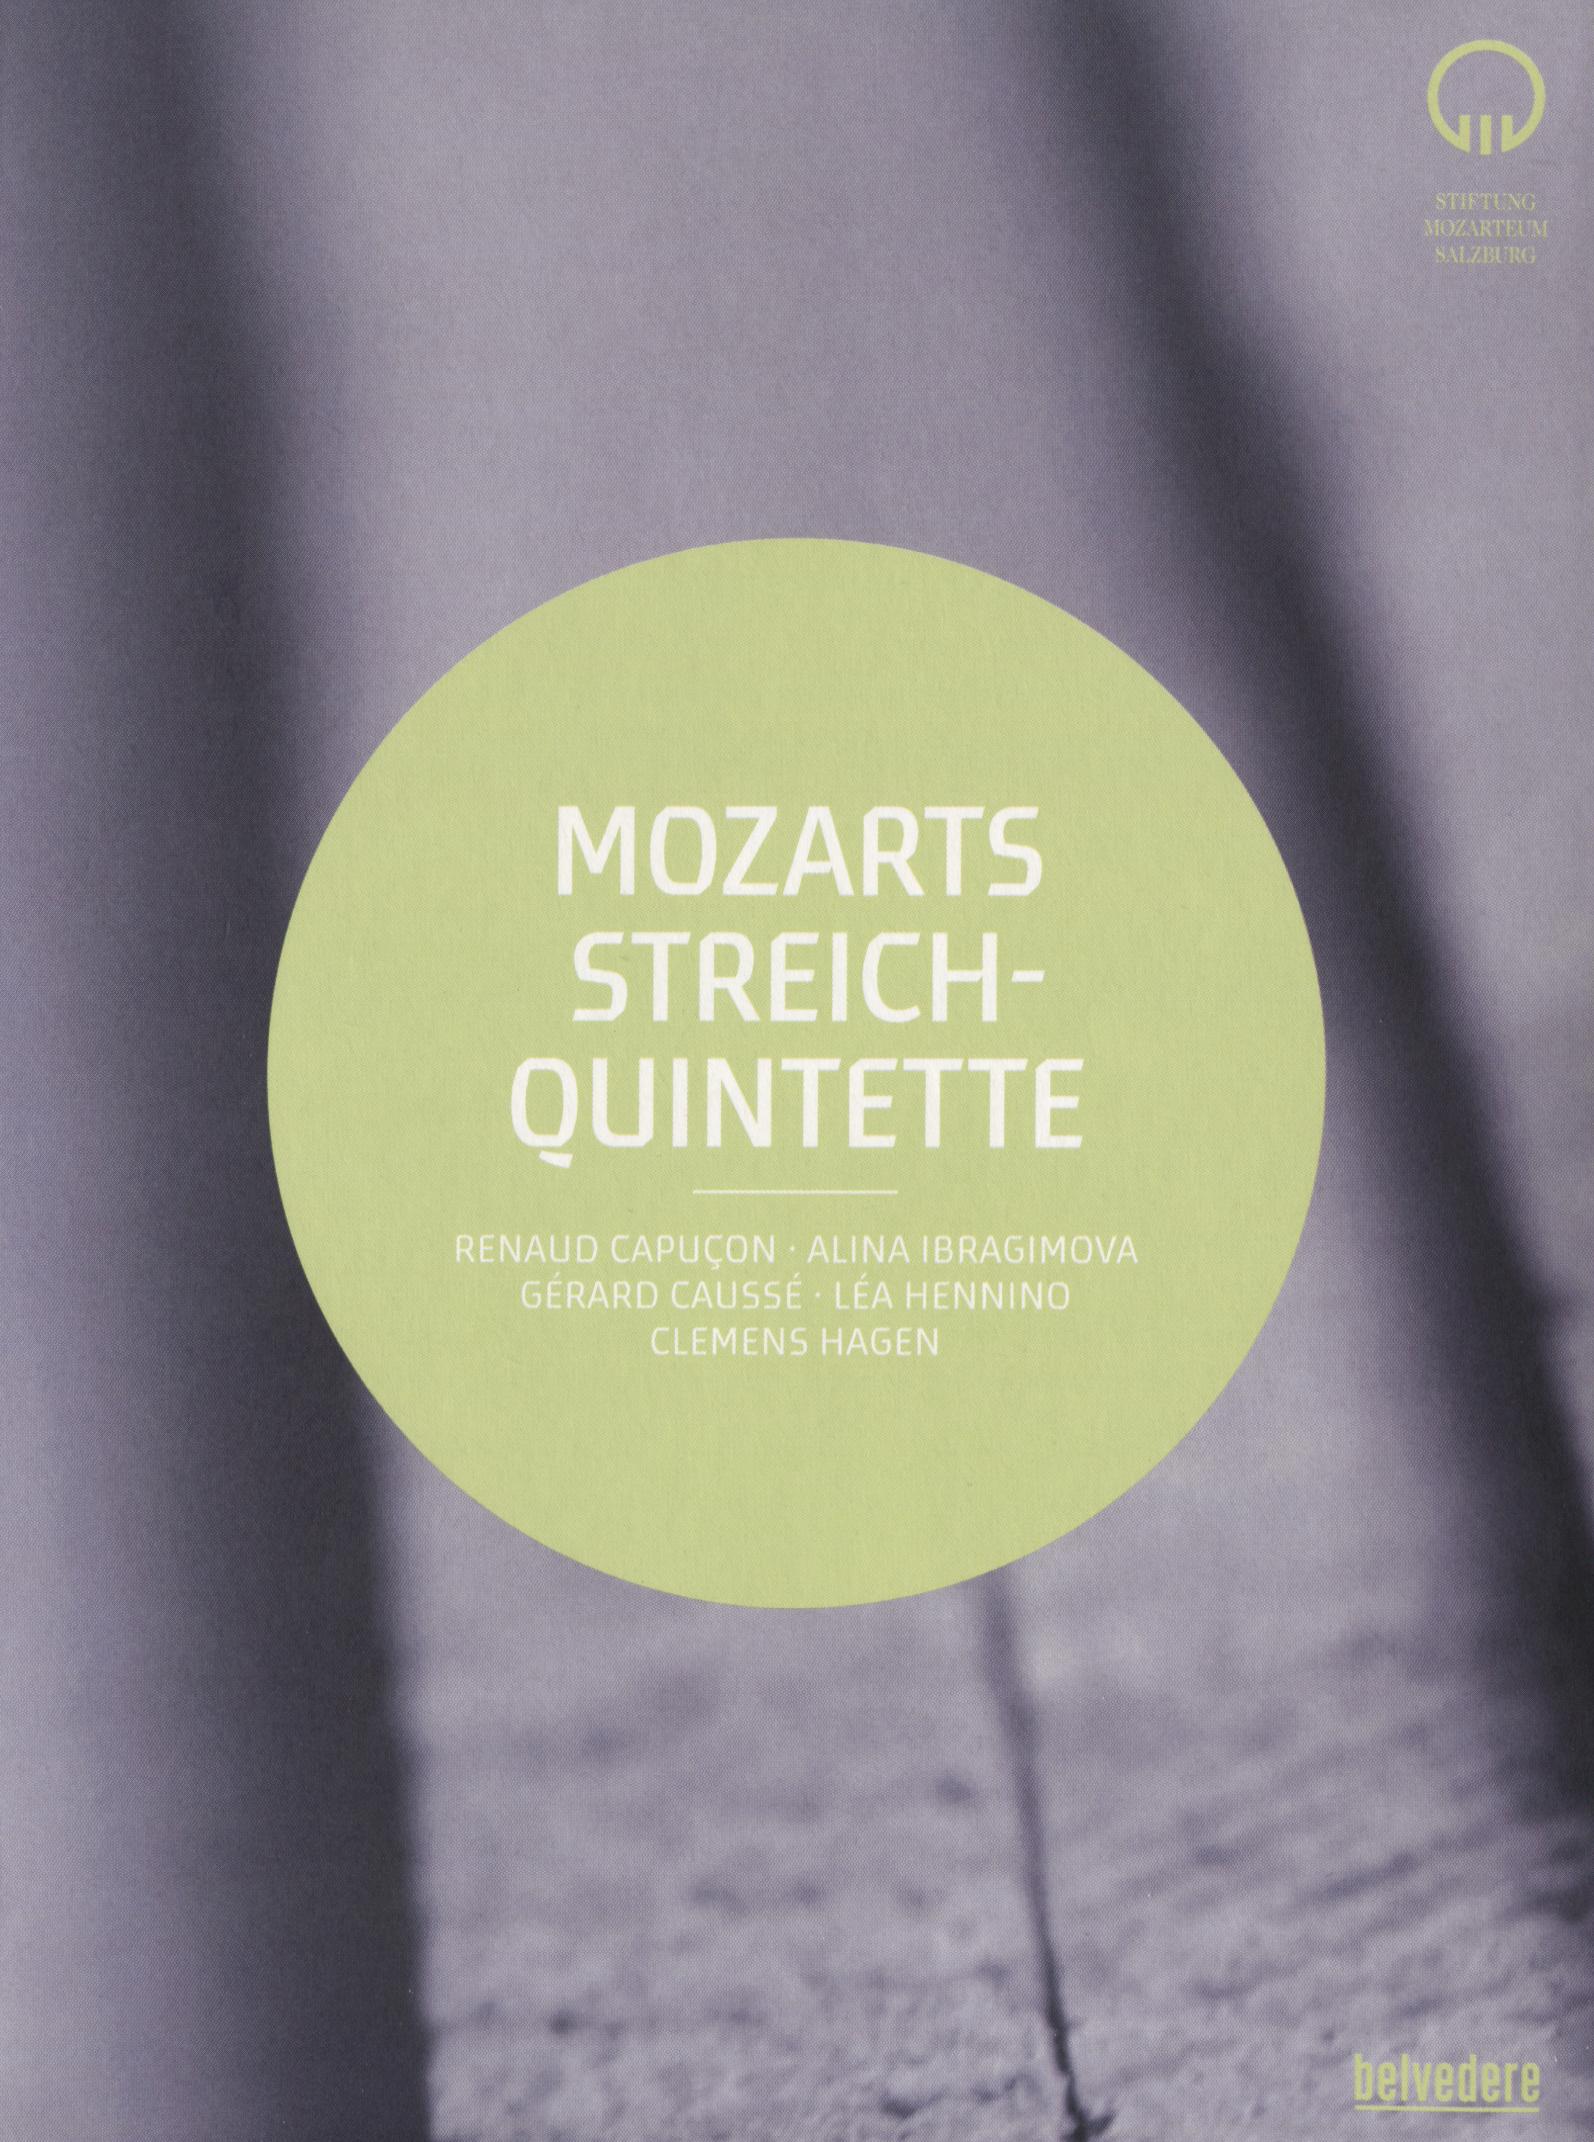 Mozarts Streichquintette